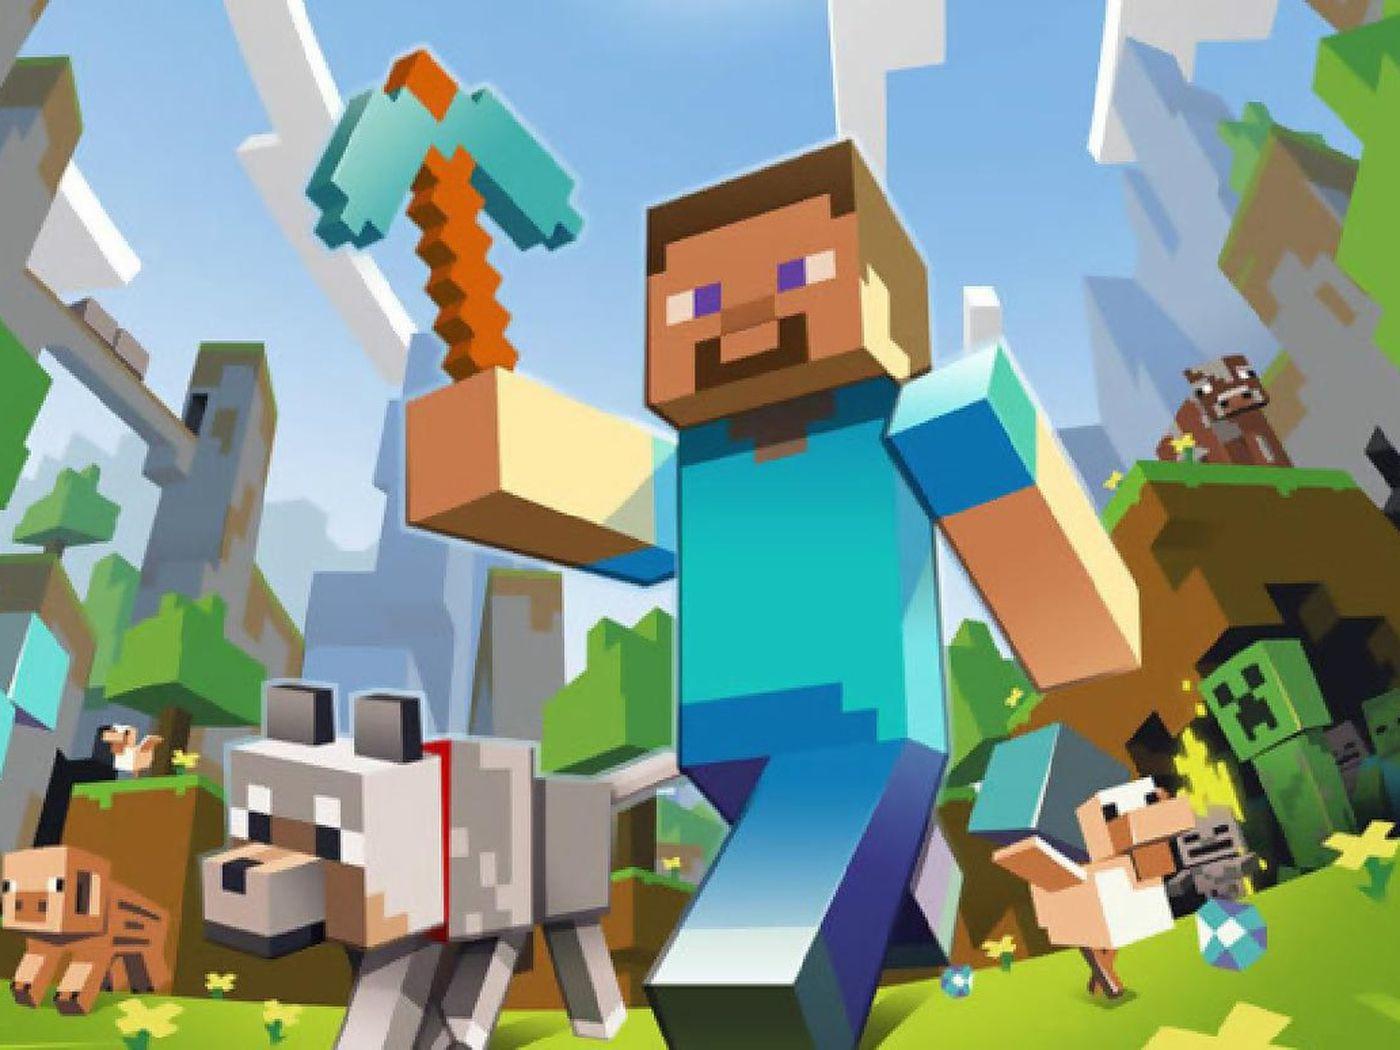 Tổng hợp các lệnh cơ bản trong Minecraft cho người mới chơi (2)